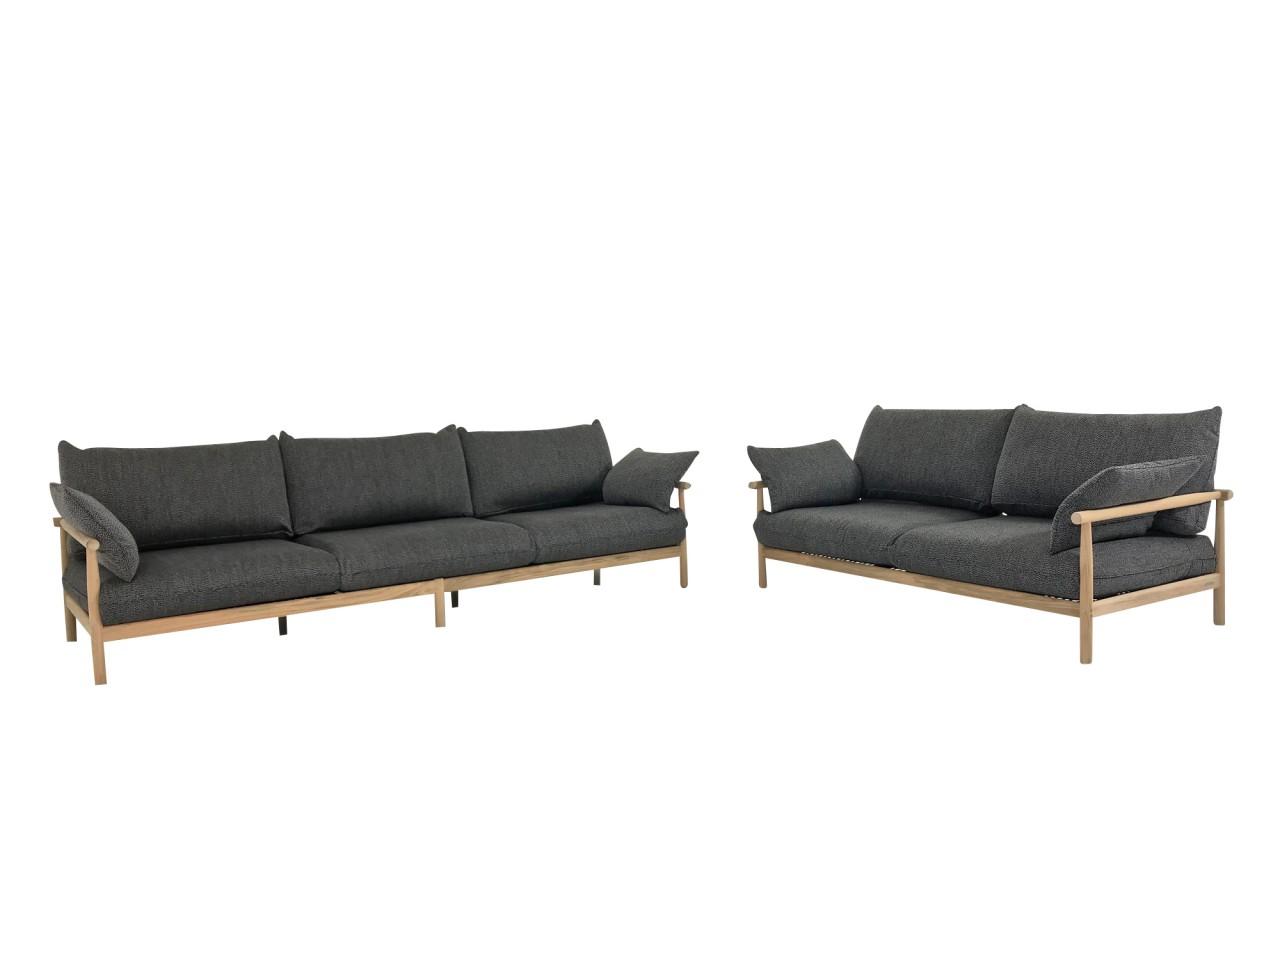 Full Size of Couch Terrasse Dedon Tibbo Sofa 3 Und 2 Fr Garten In Teak Mit Wohnzimmer Couch Terrasse